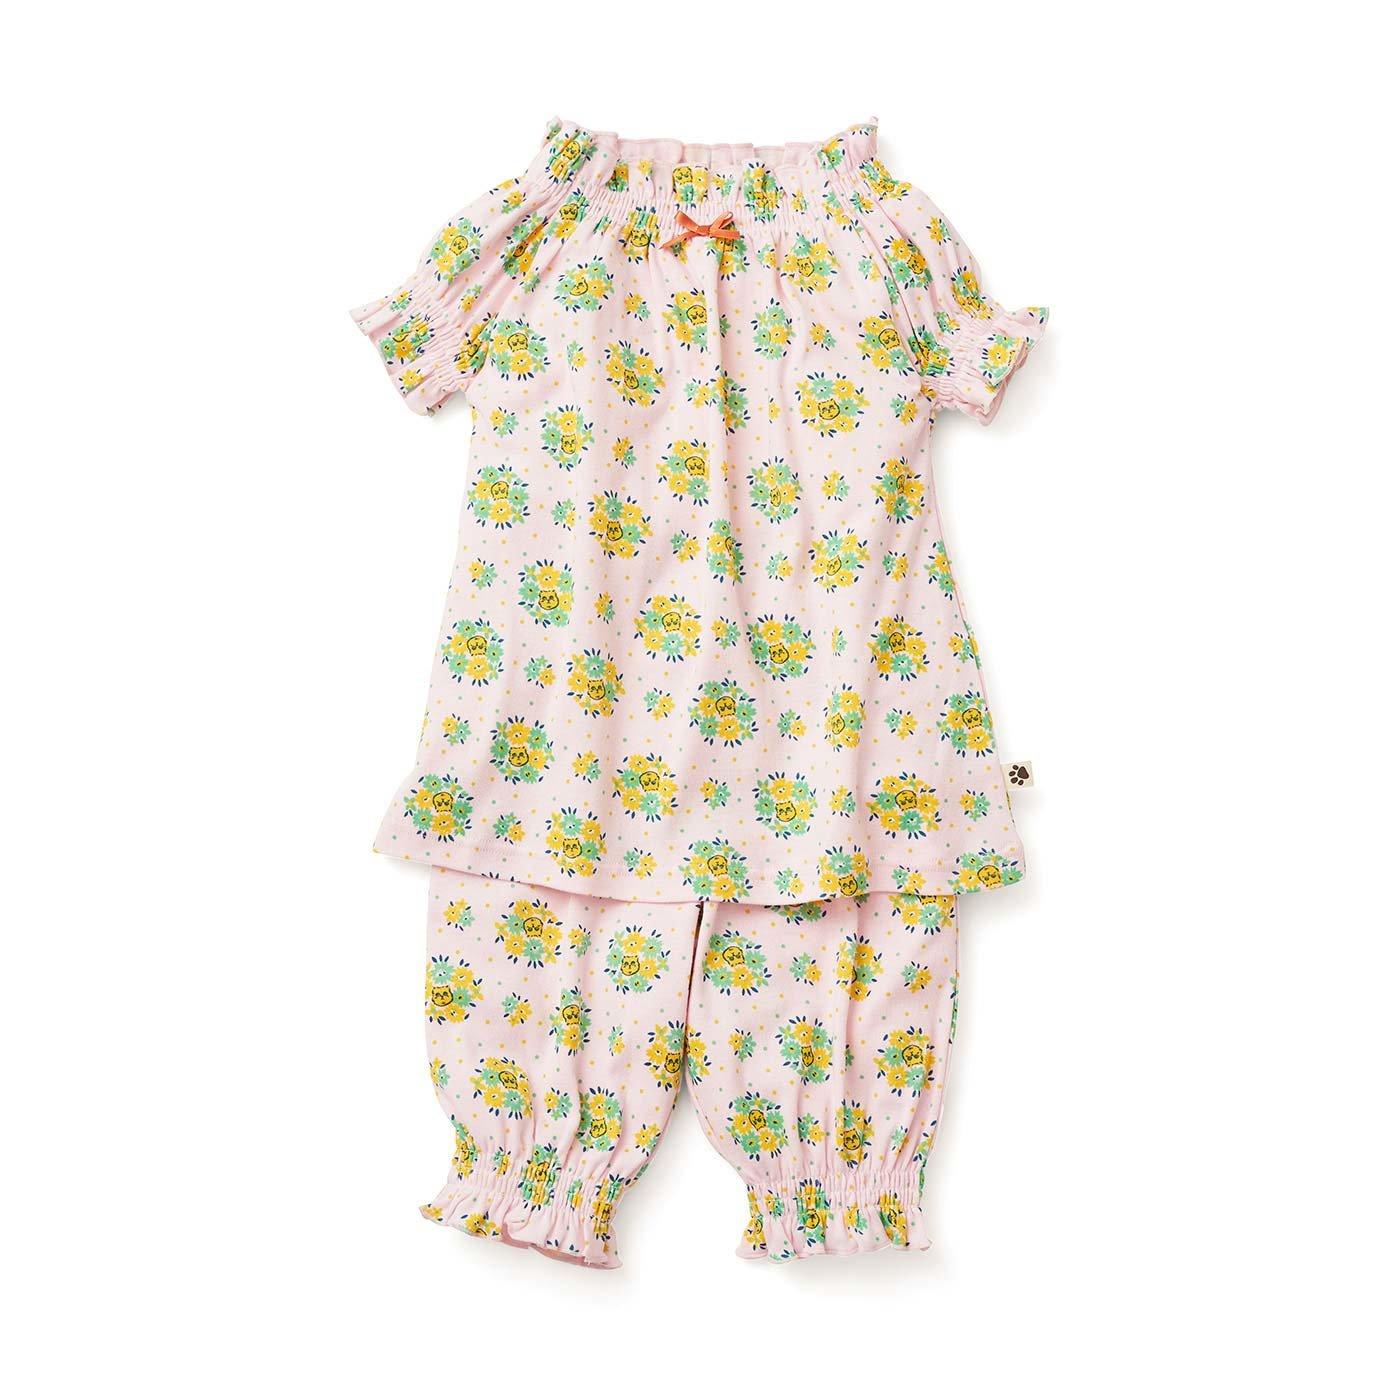 フェリシモキッズ×猫部 お花柄の中に猫がひそむパジャマ〈ガールズ〉〈ピンク〉